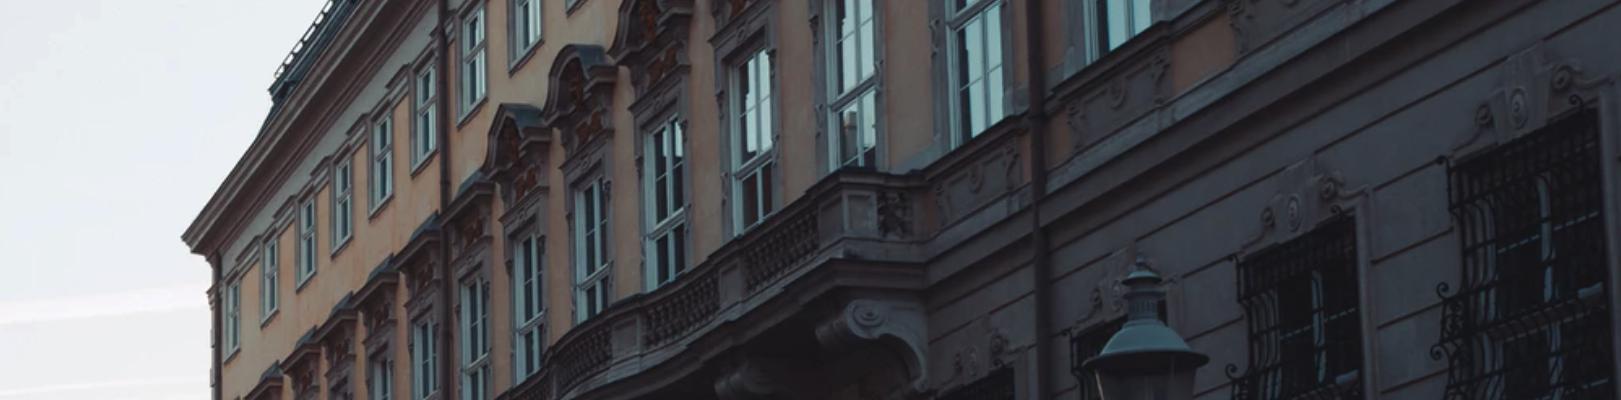 Zinshaus Mietshaus Erklärung